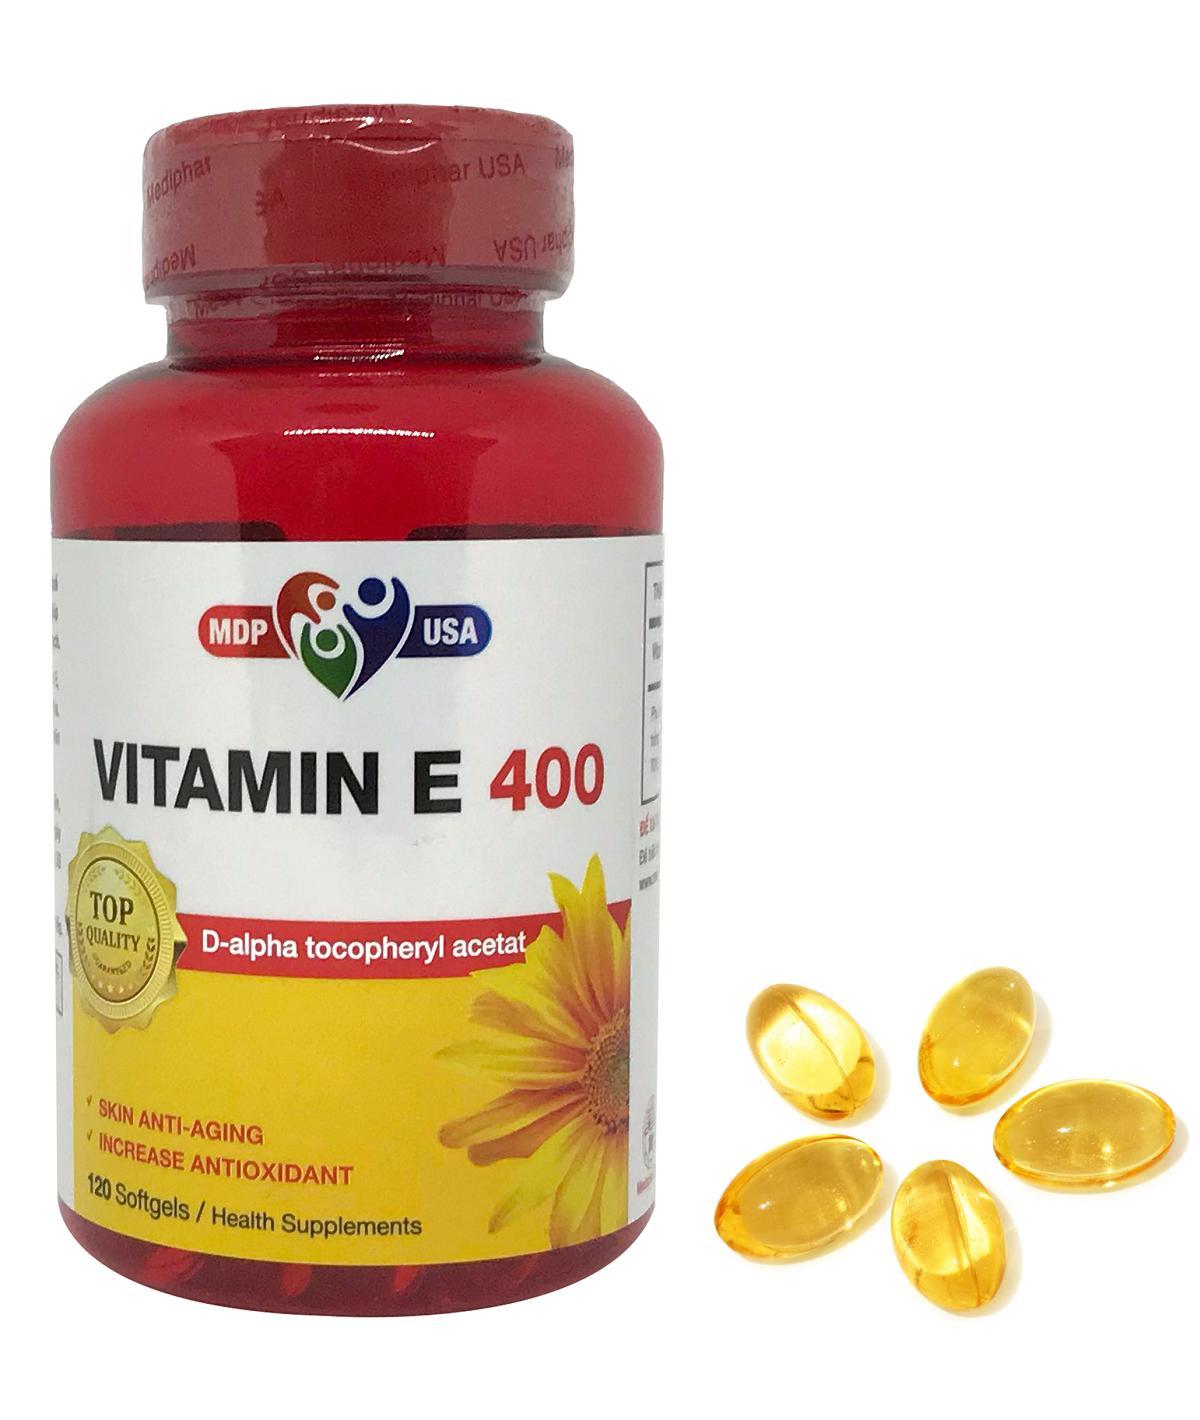 Vitamin E - ngăn cản quá trình lão hóa da